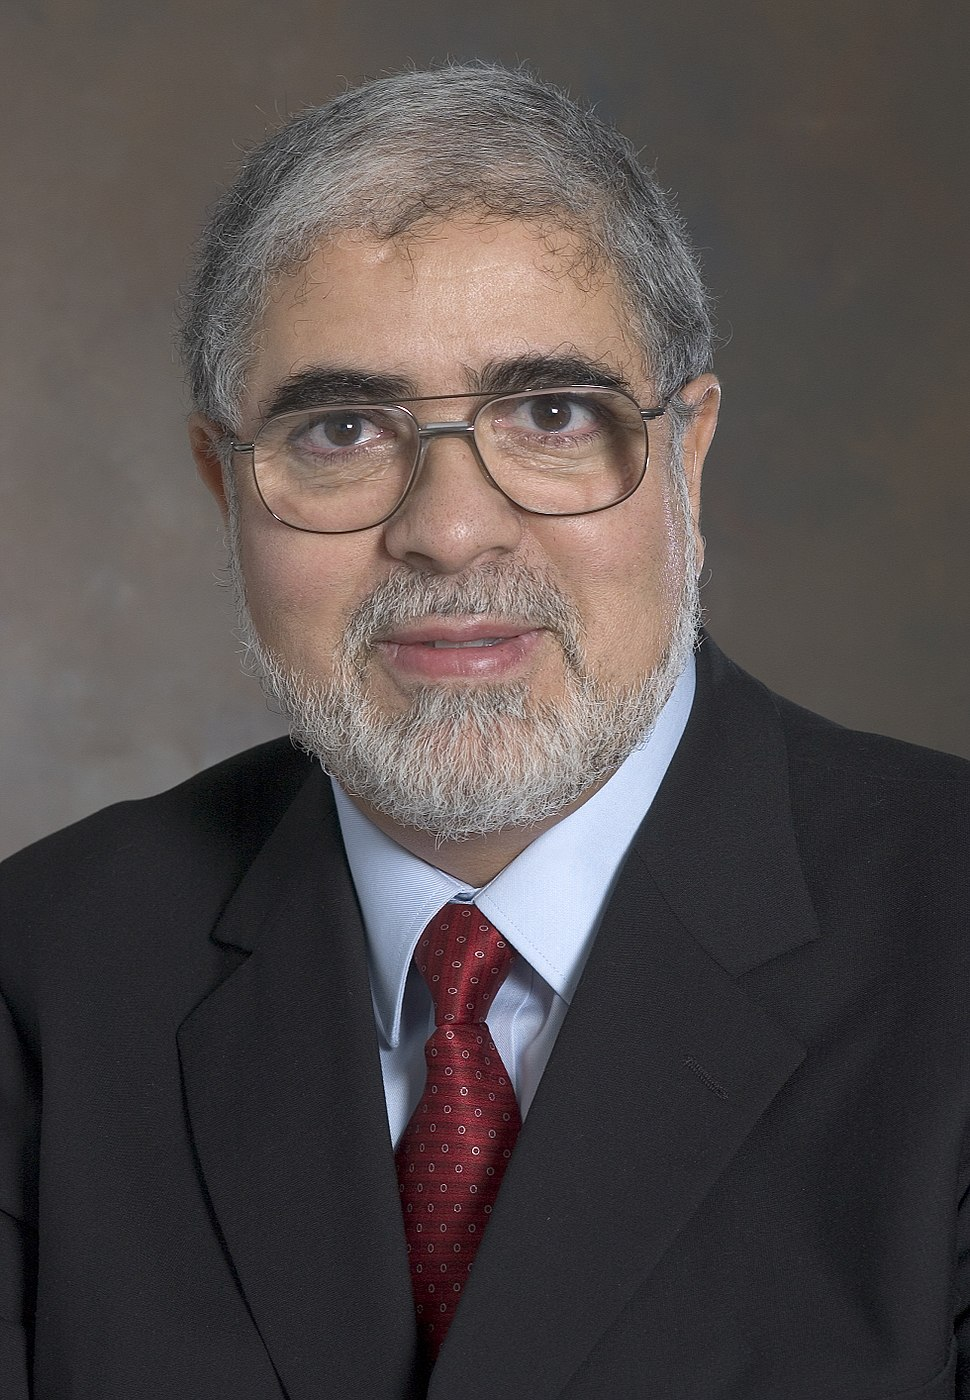 Dr Mustafa Abushagur